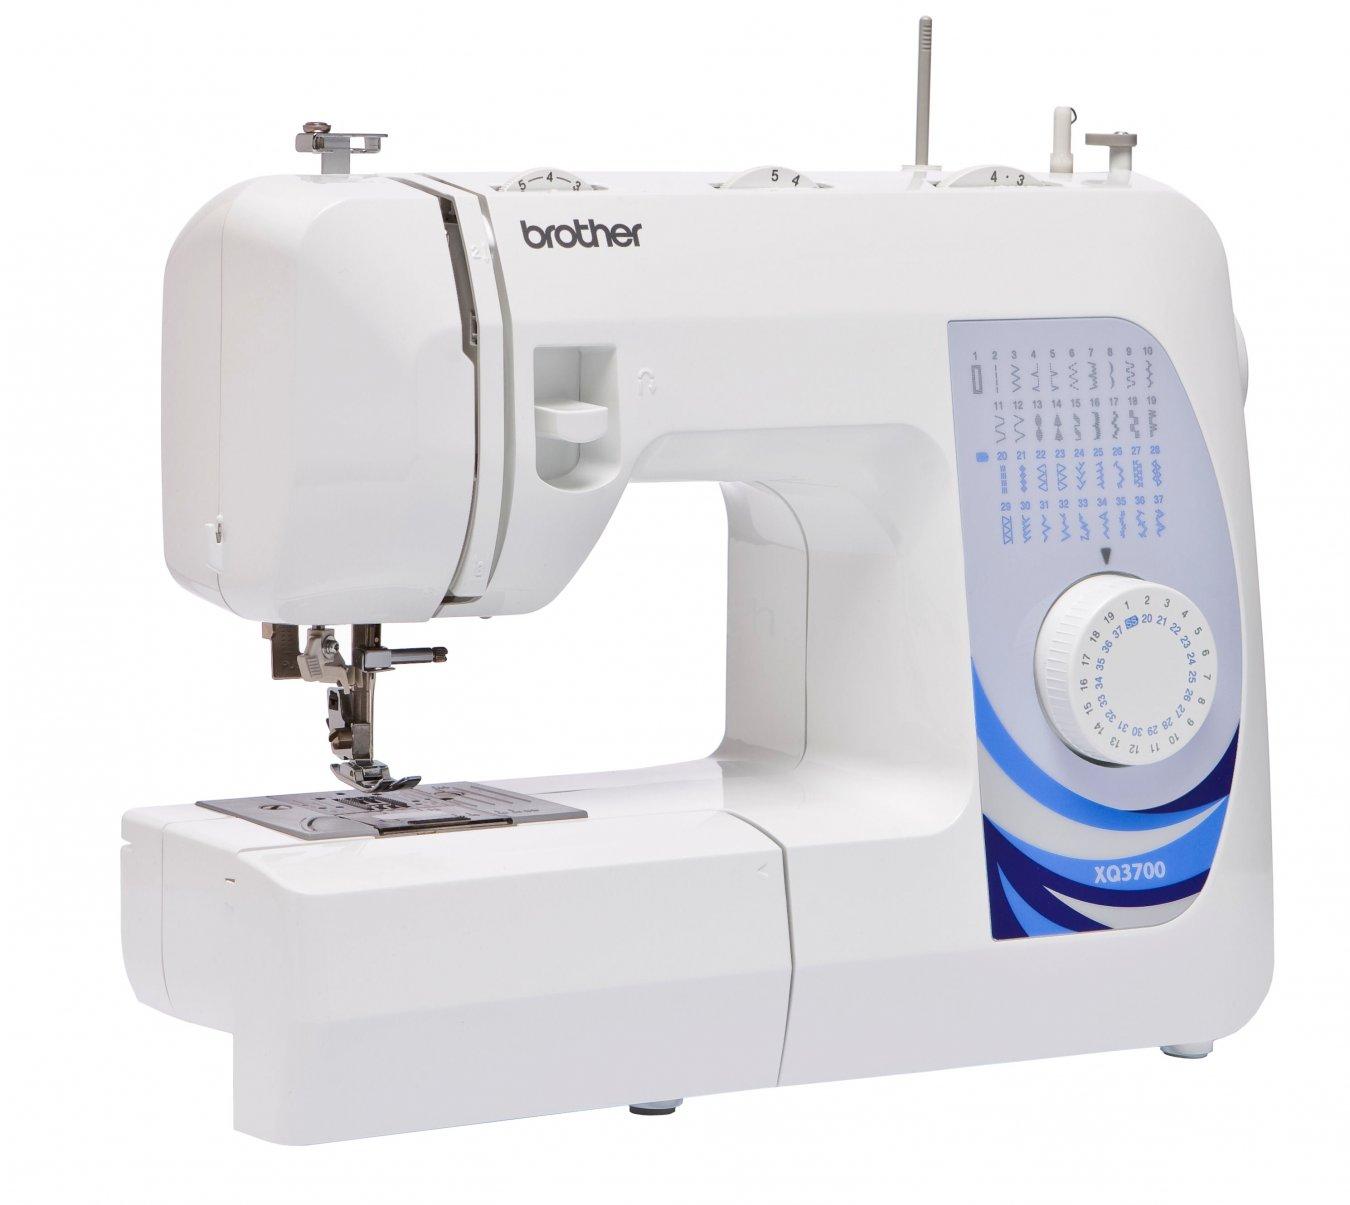 Macchina per cucire brother xq3700 gnoato lino for Cucire macchina